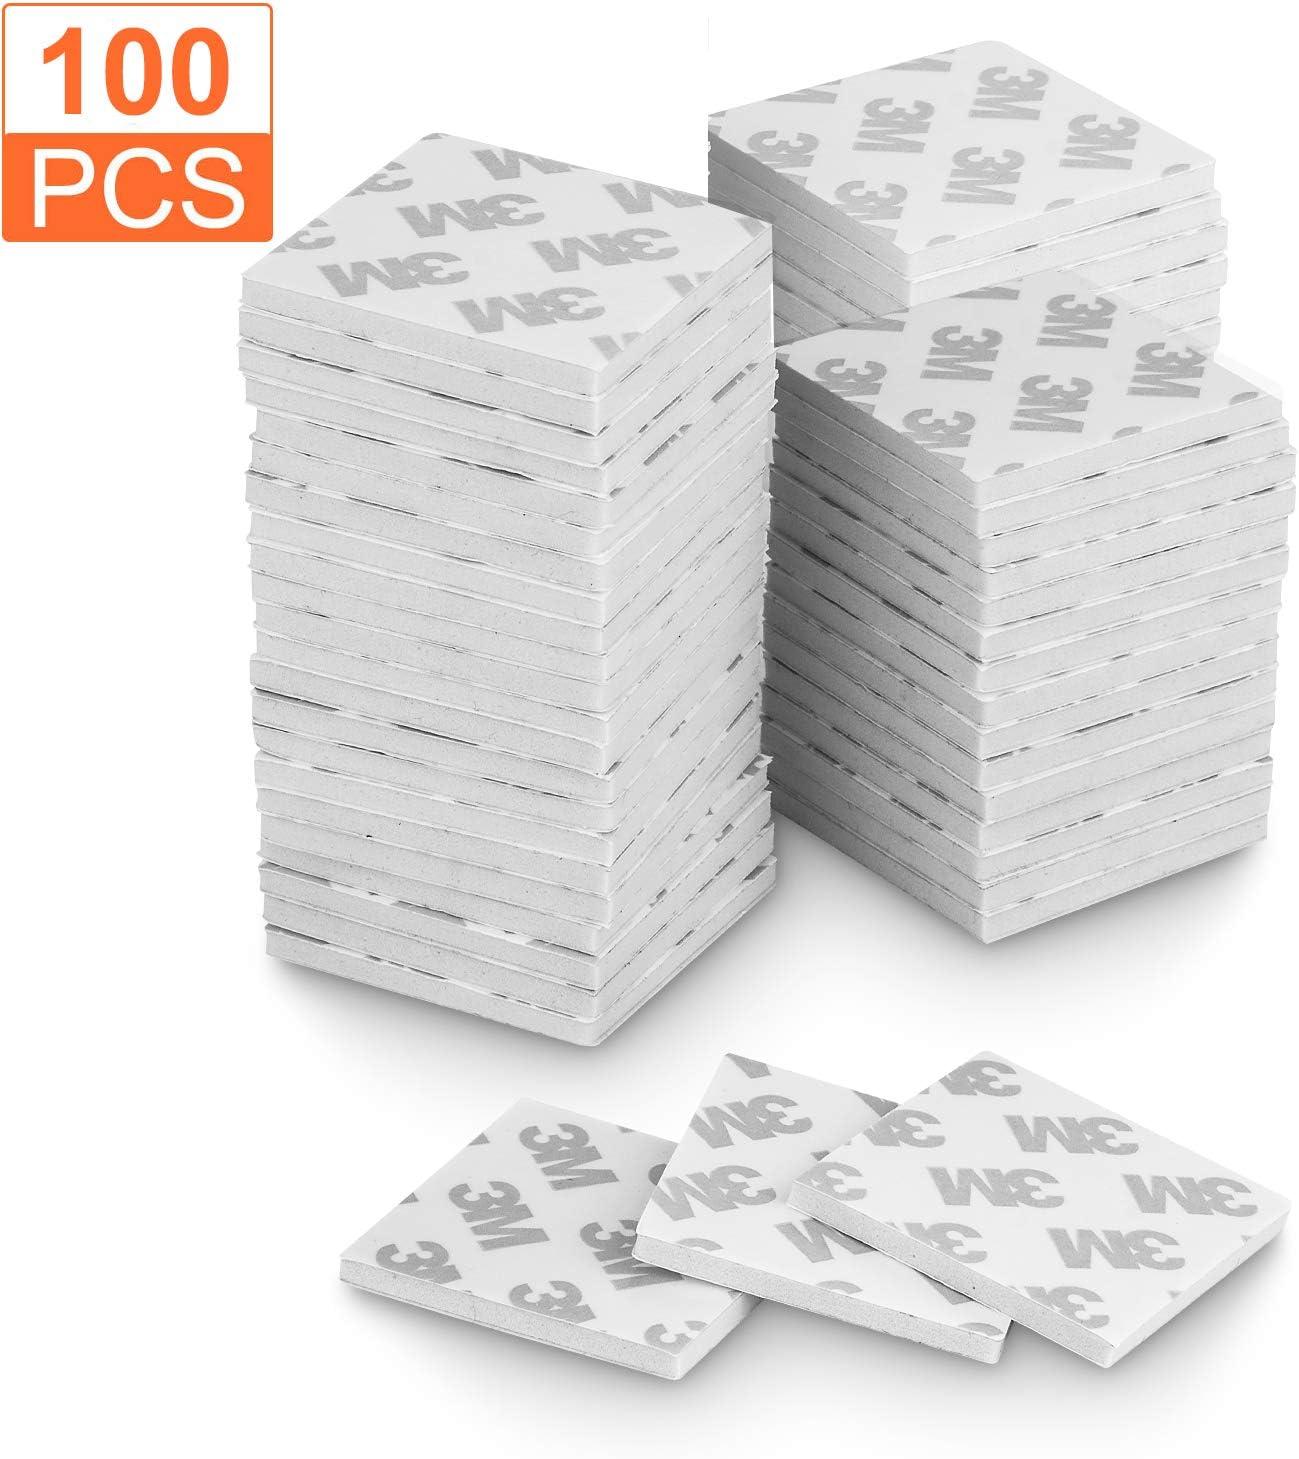 Cuscinetti biadesivi colore: bianco super resistenti in schiuma autoadesivi A+Selected 100 pezzi quadrati